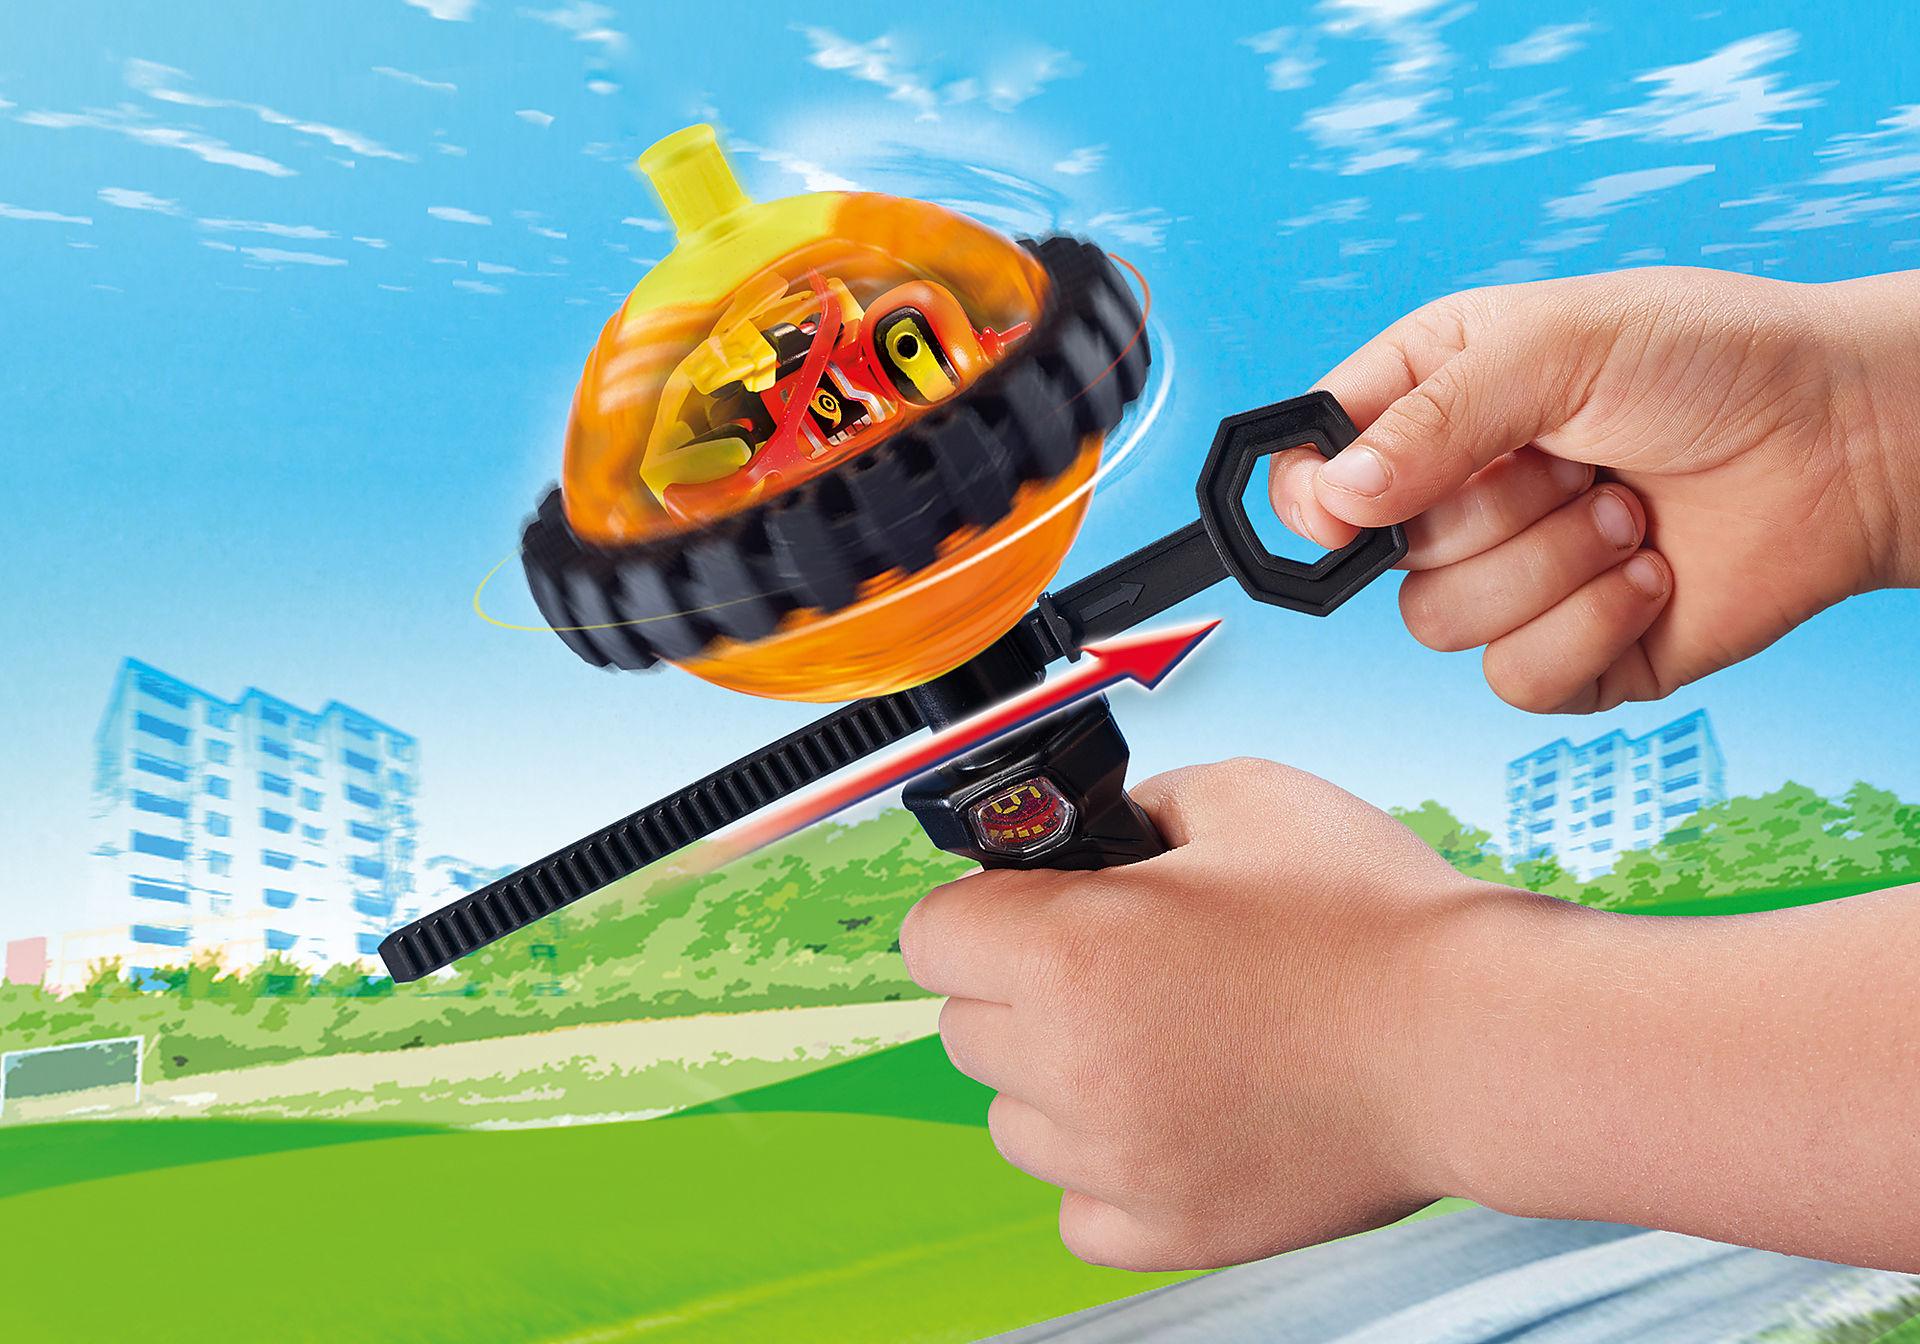 9203 Speed Roller arancio con robot zoom image5